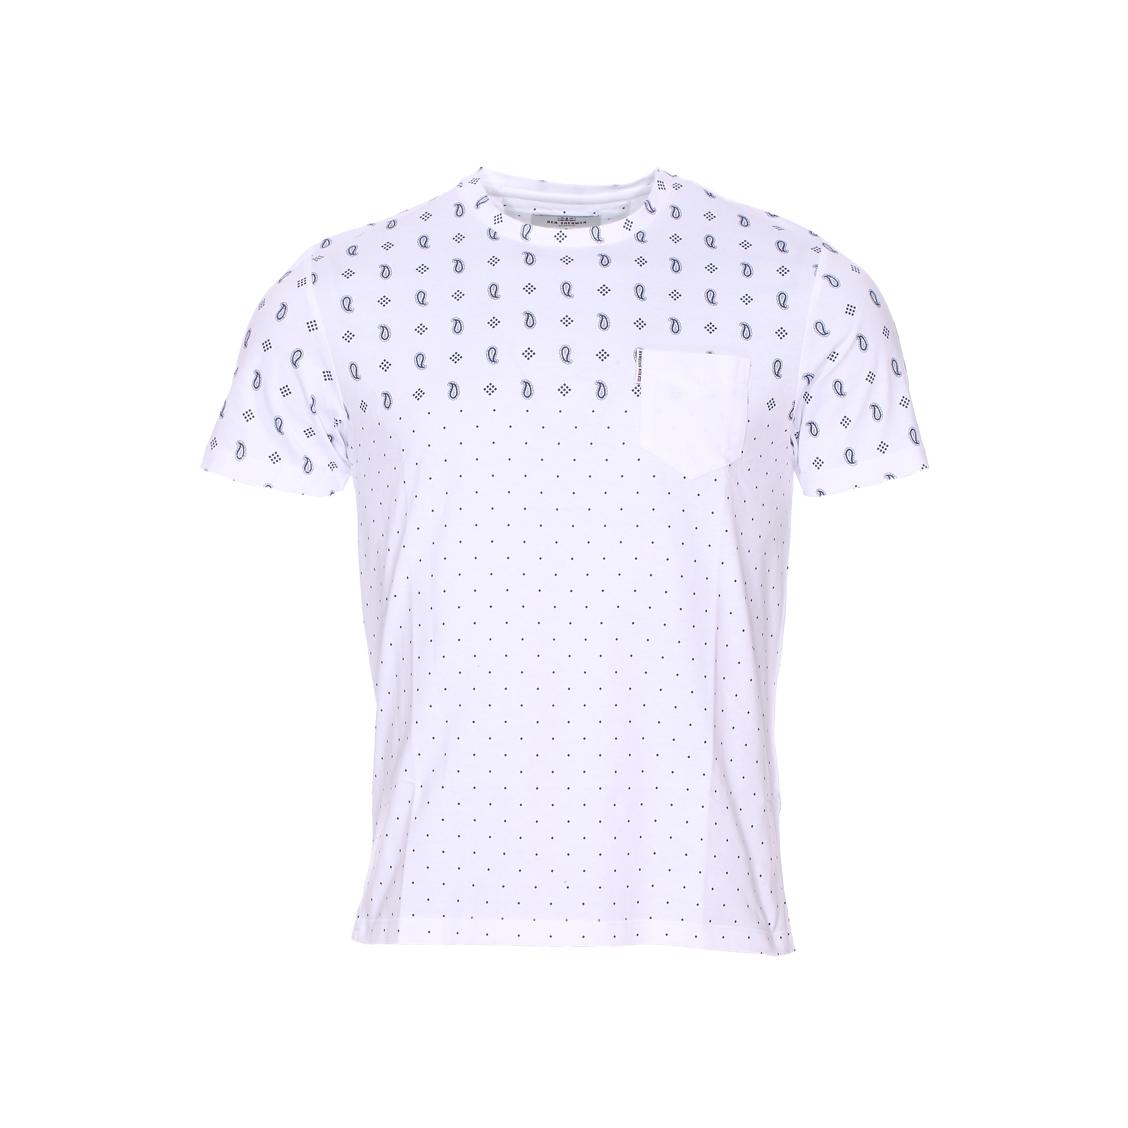 Tee-shirt col rond  en coton blanc à imprimé cachemire et petits pois bleu indigo